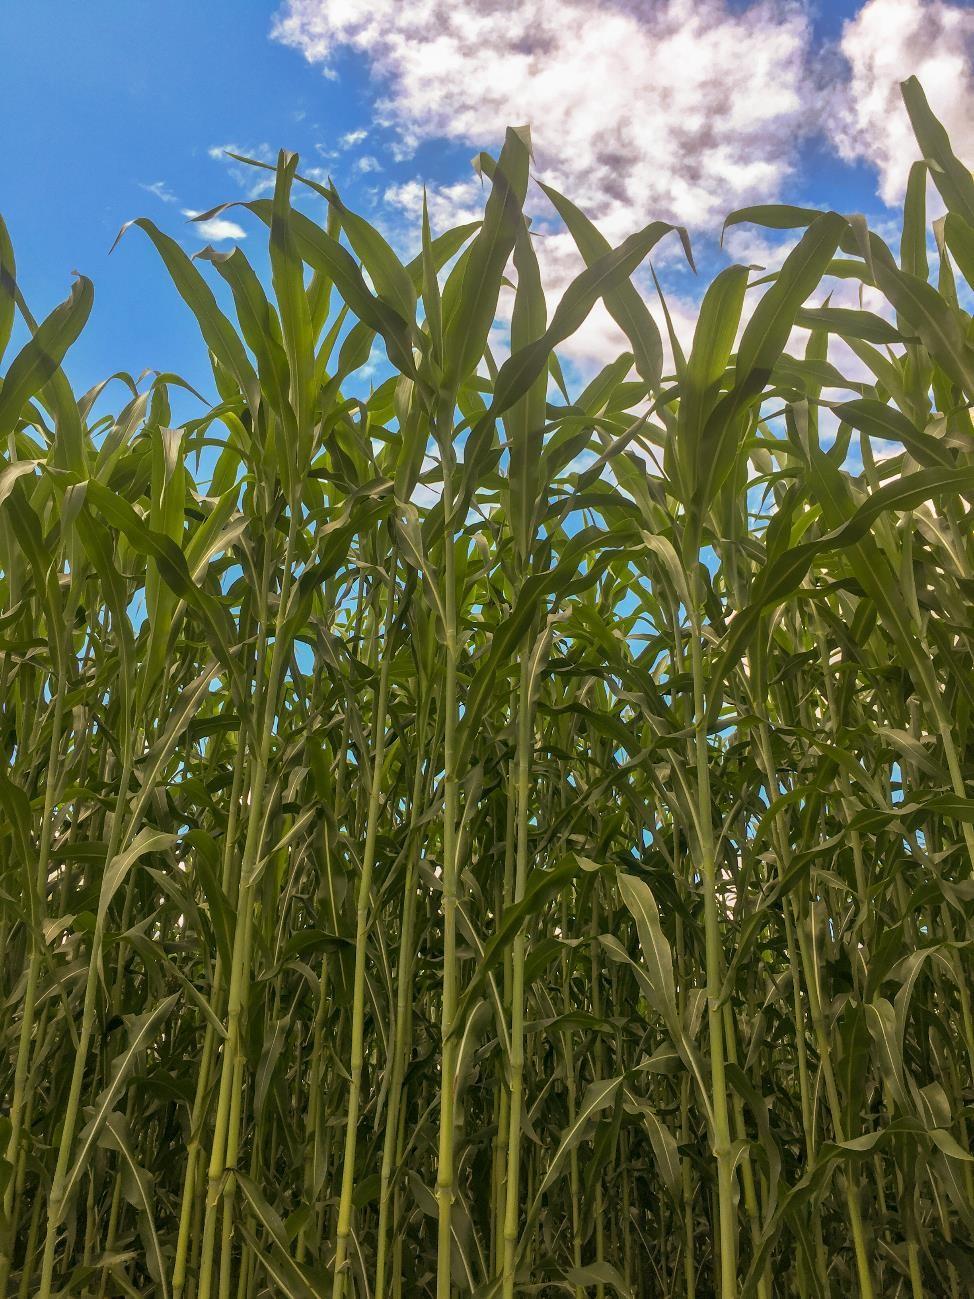 Biomass sorghum in a field